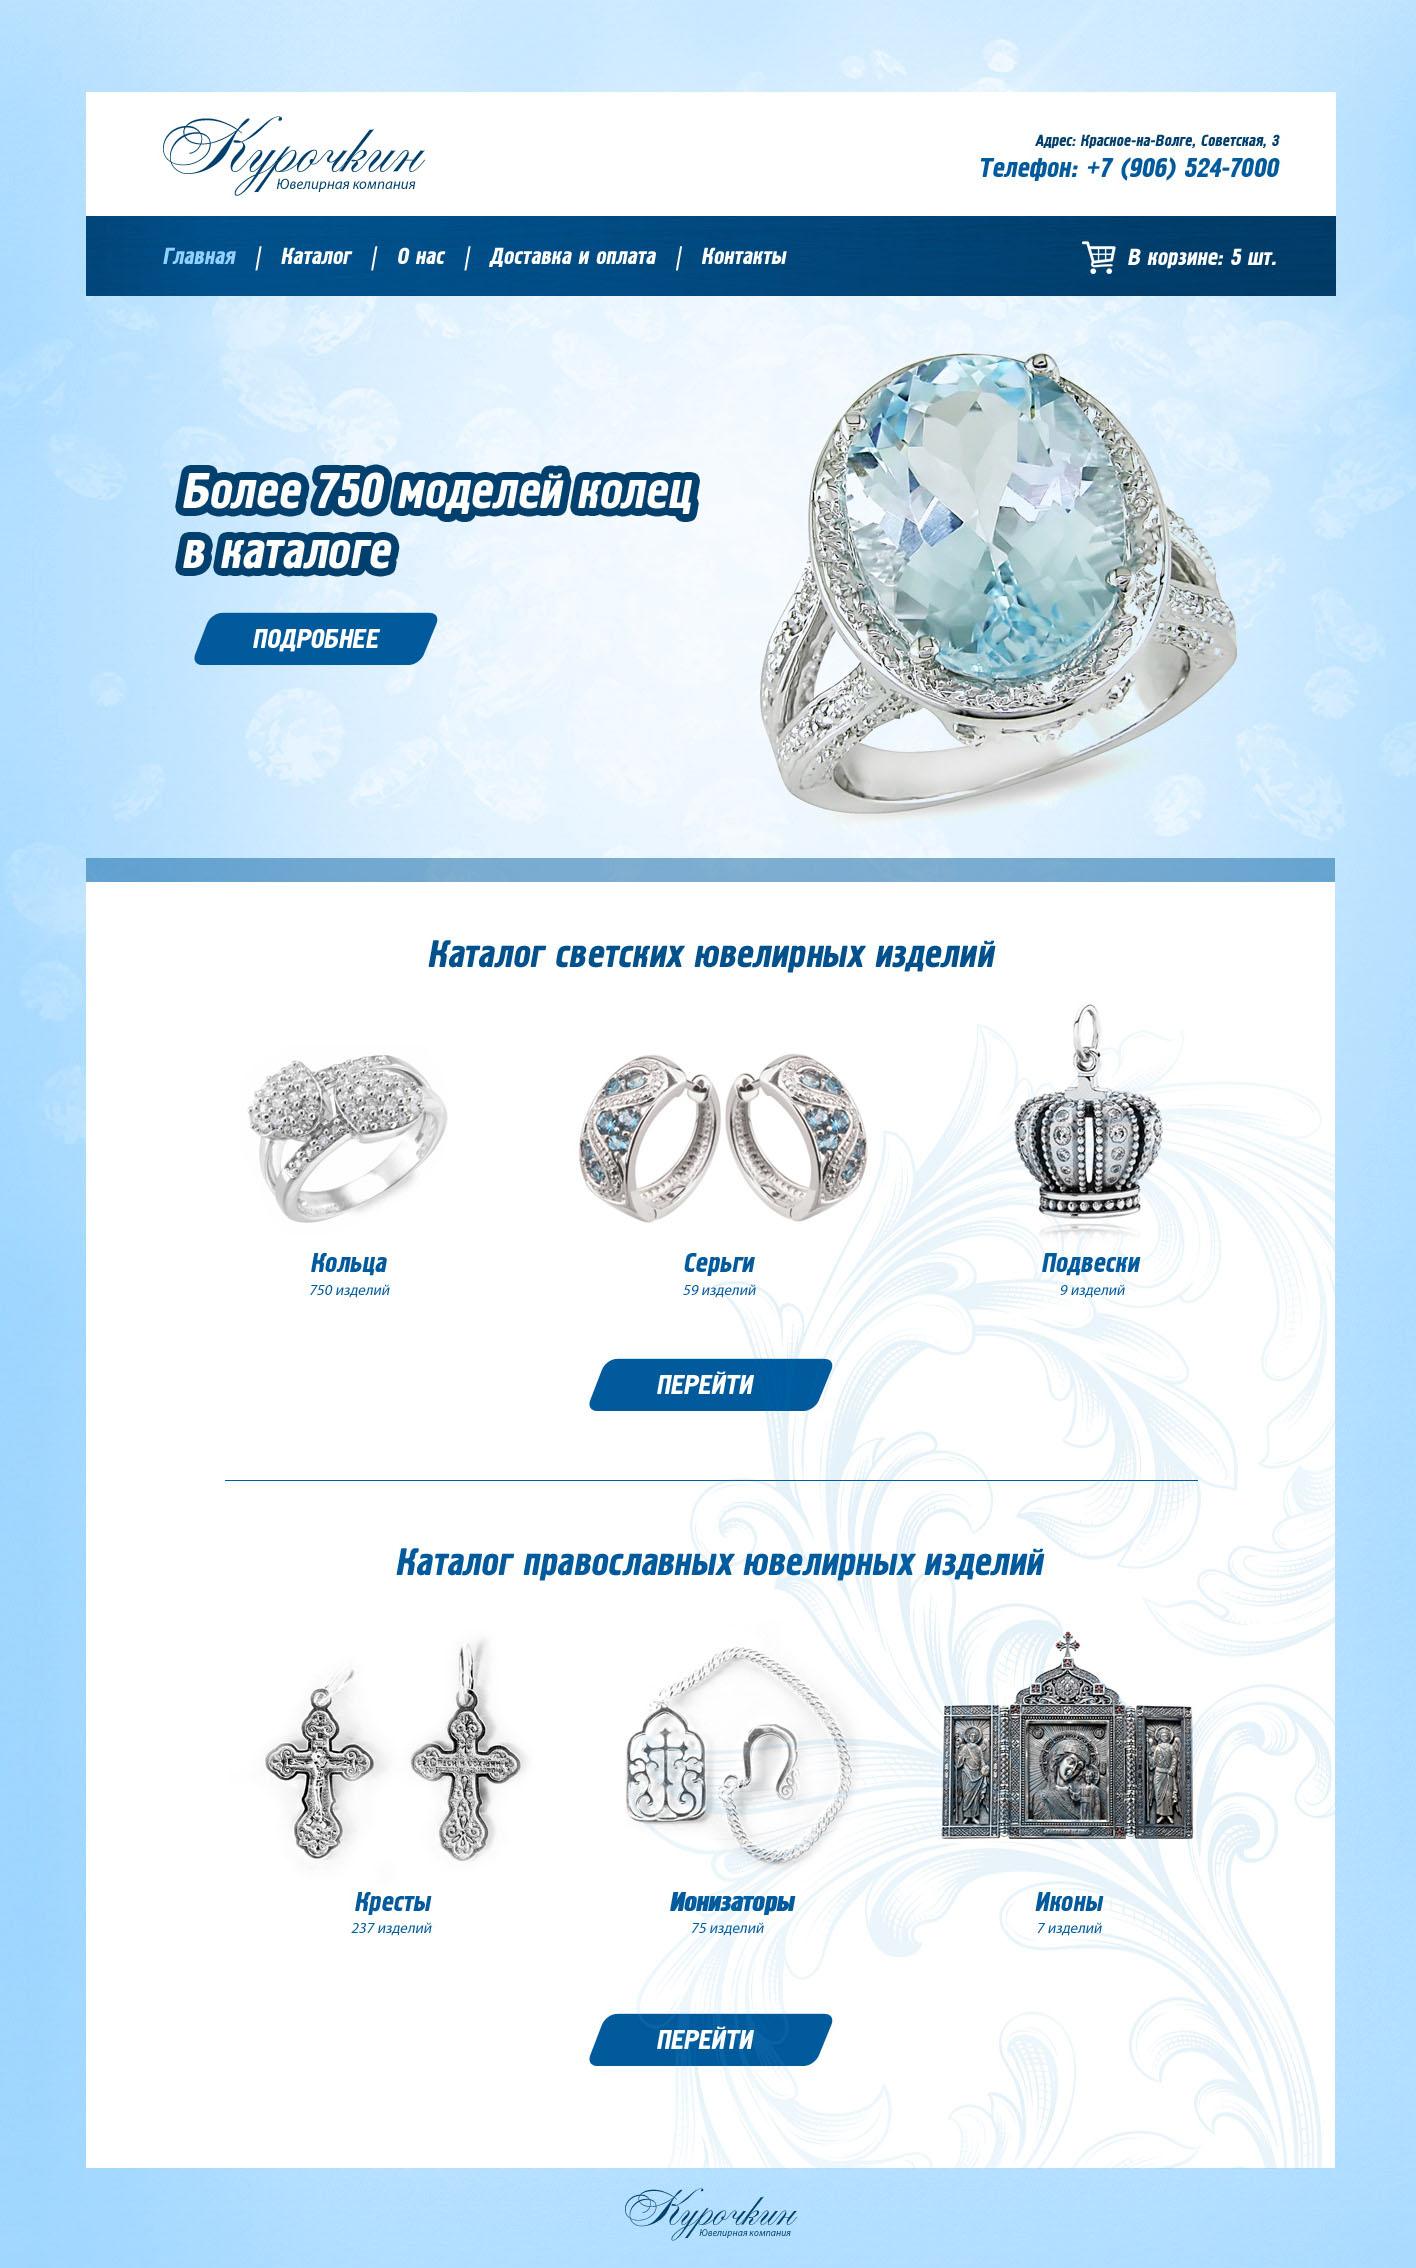 Сайт ювелирной компании «Курочкин». Создание сайтов в Костроме